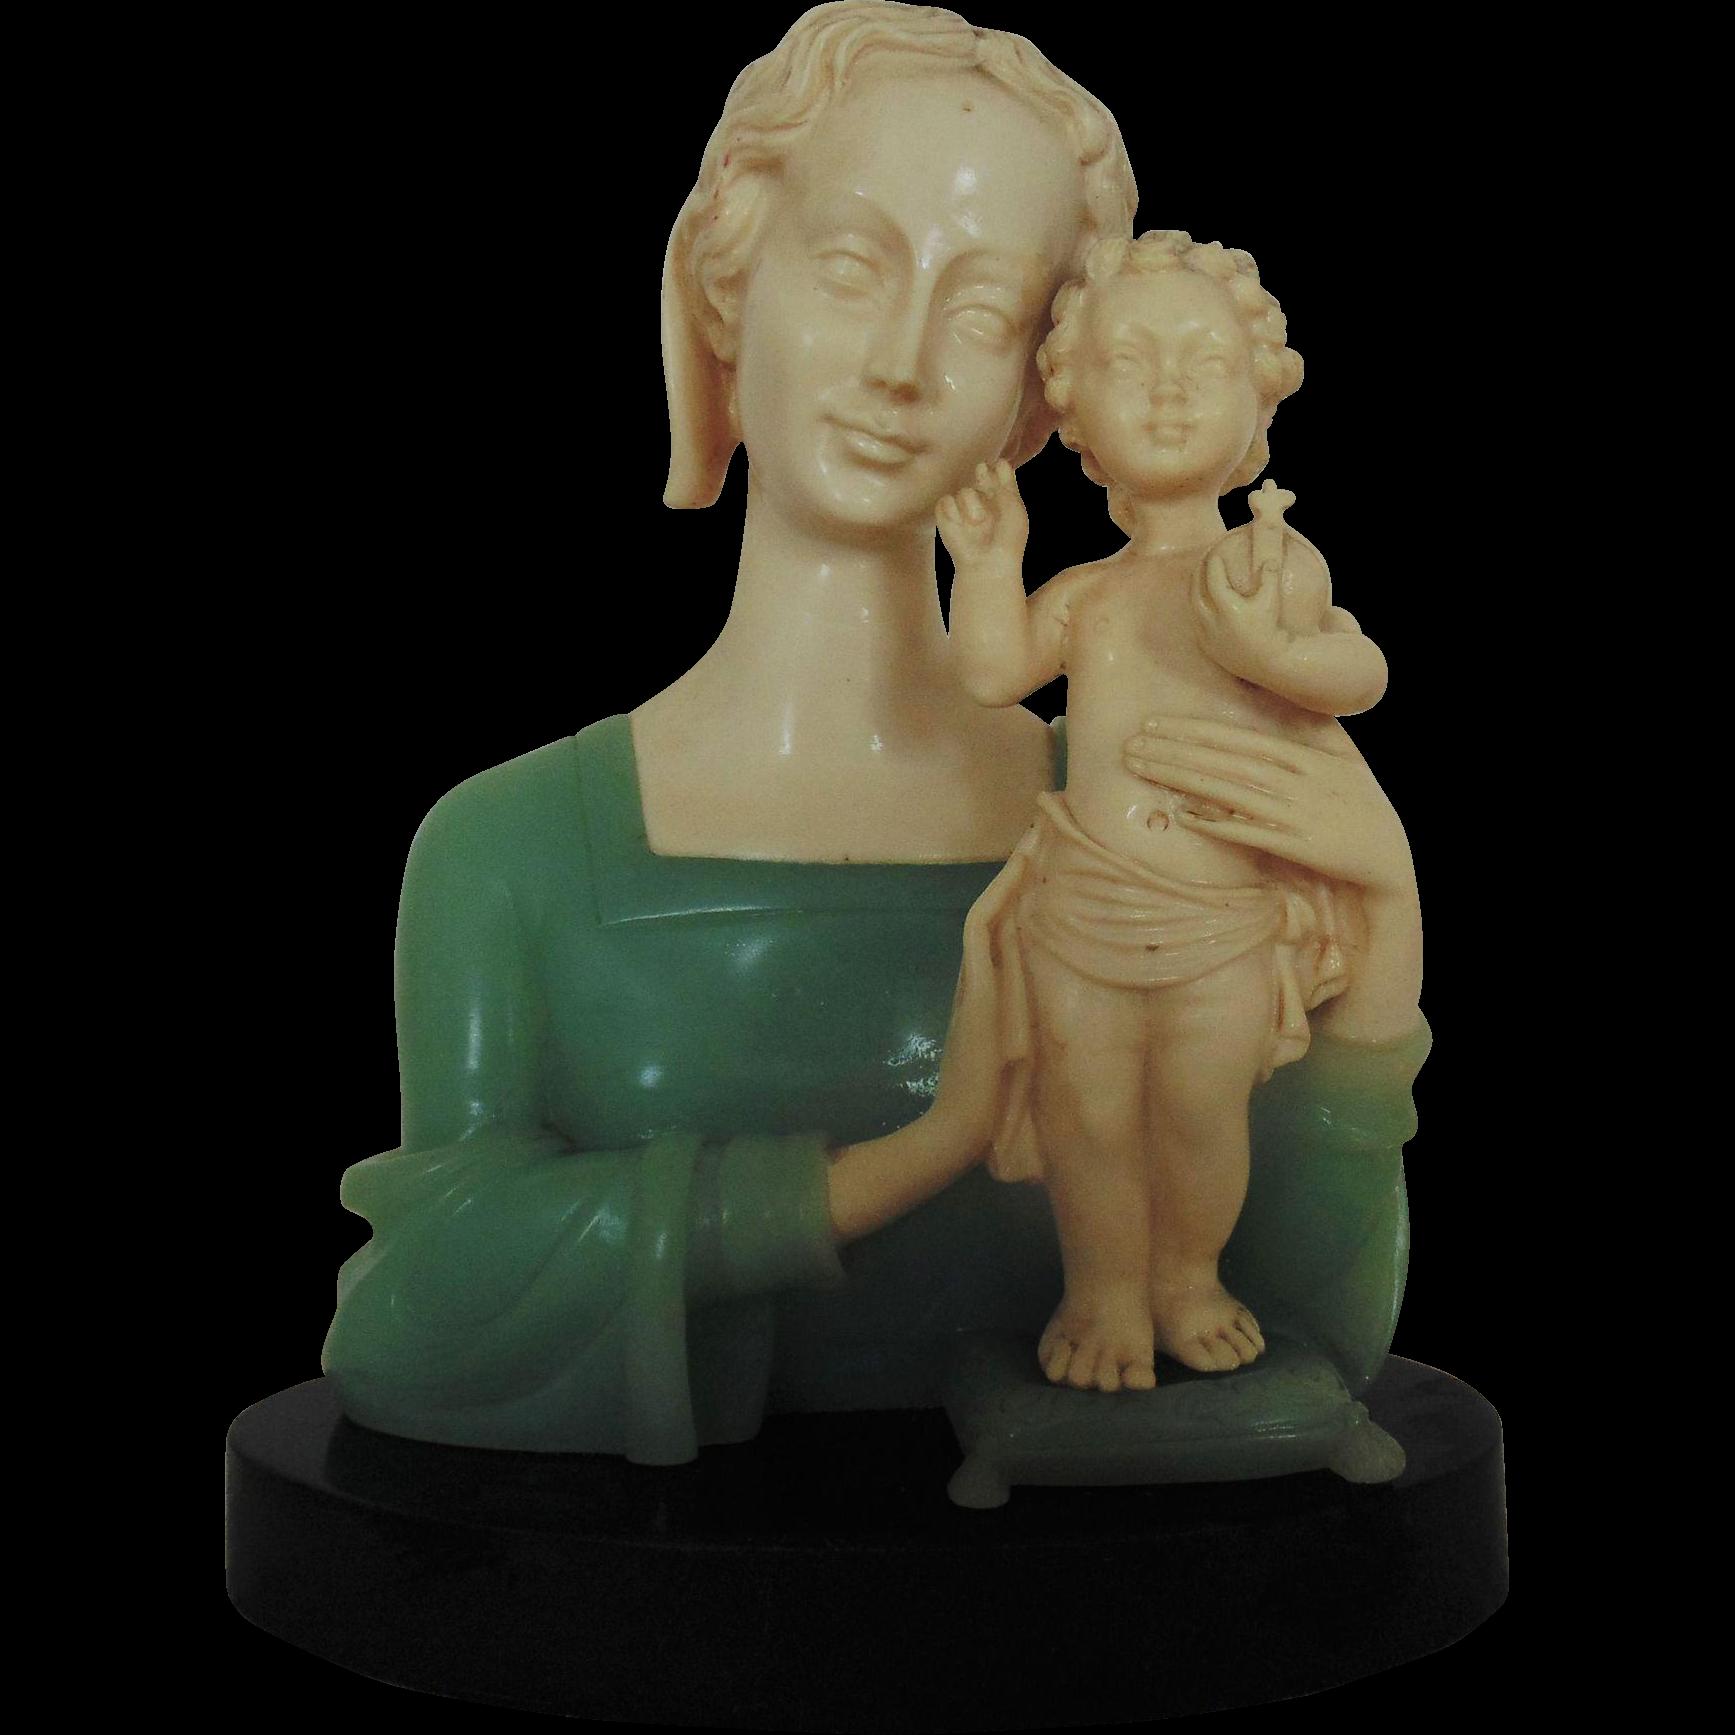 Vintage Ruggeri Bianchi Madonna & Baby Jesus Sculpture Statue ...